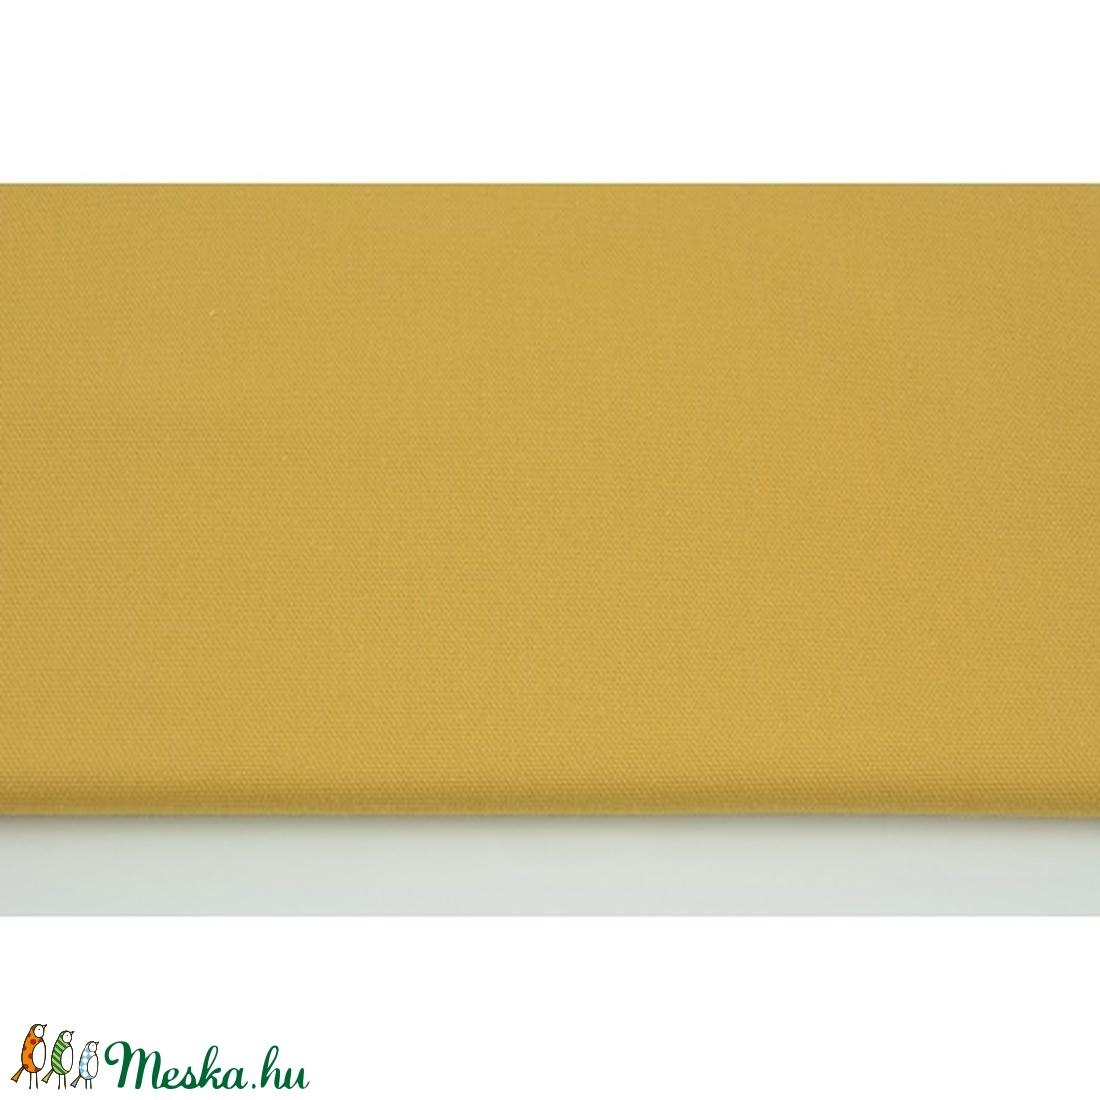 Mustársárga színű vastagabb vászon anyag - home decor lakástextil (OdorsHome) - Meska.hu